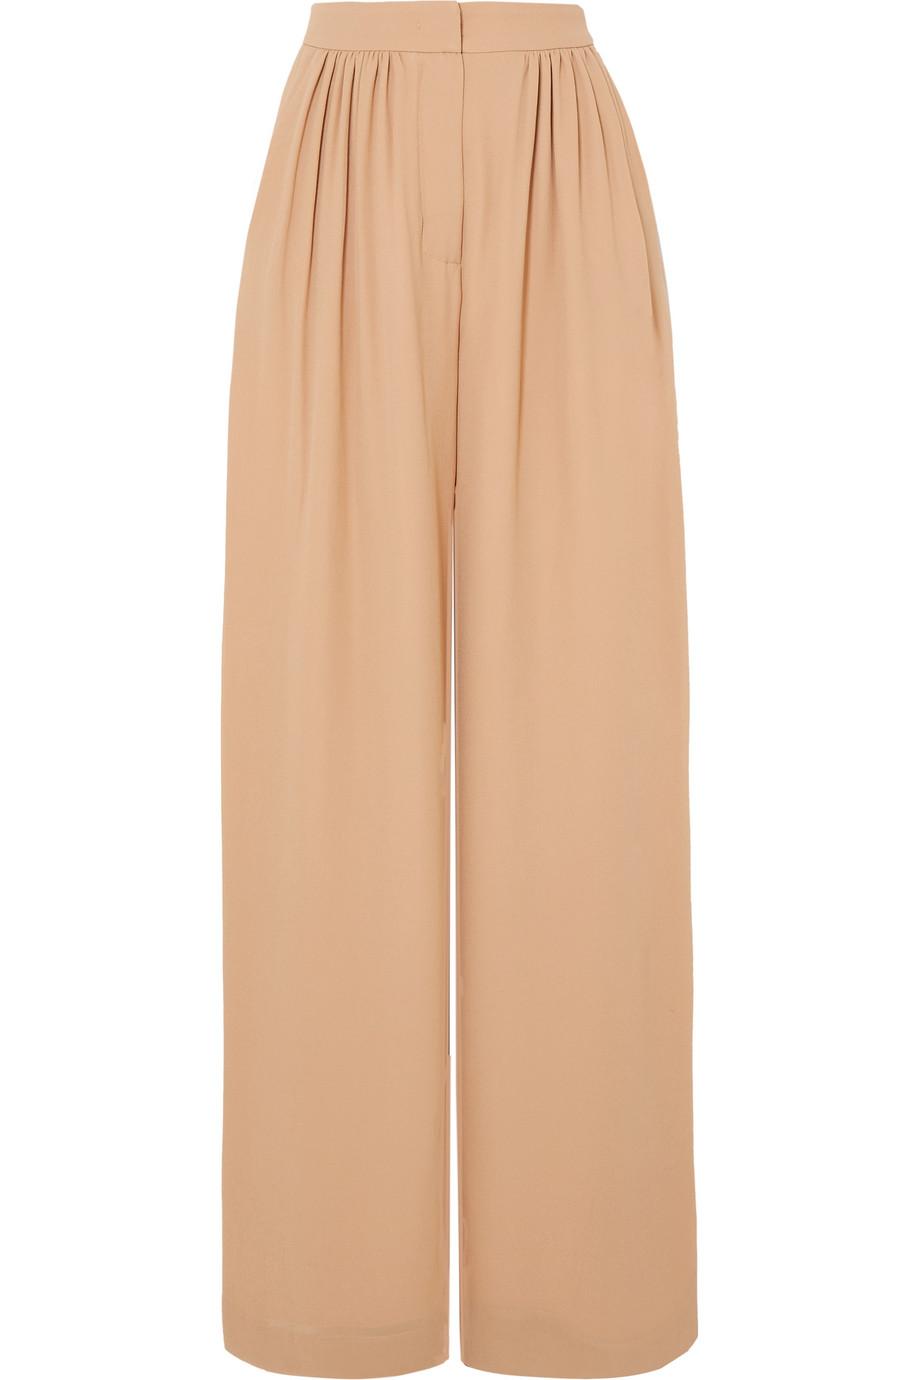 Max Mara Silk crepe de chine wide-leg pants, Net-A-Porter.com